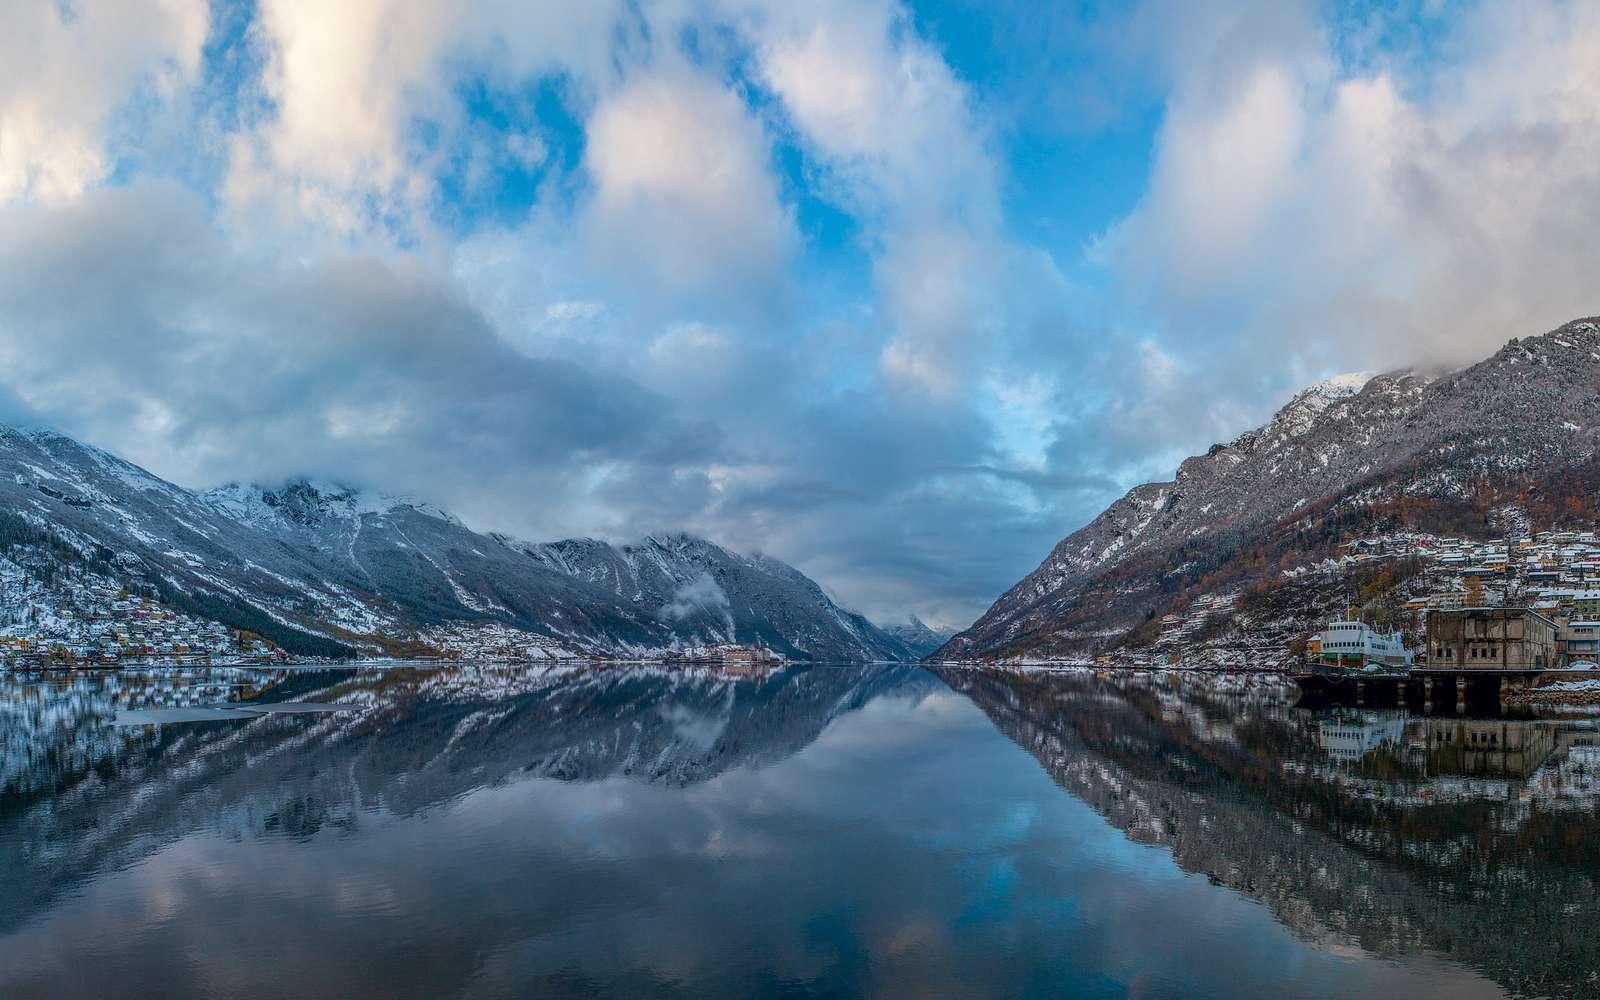 L'hiver boréal et l'été austral naissent d'un solstice. © Dag Endre Opedal Flickr CC by 2.0